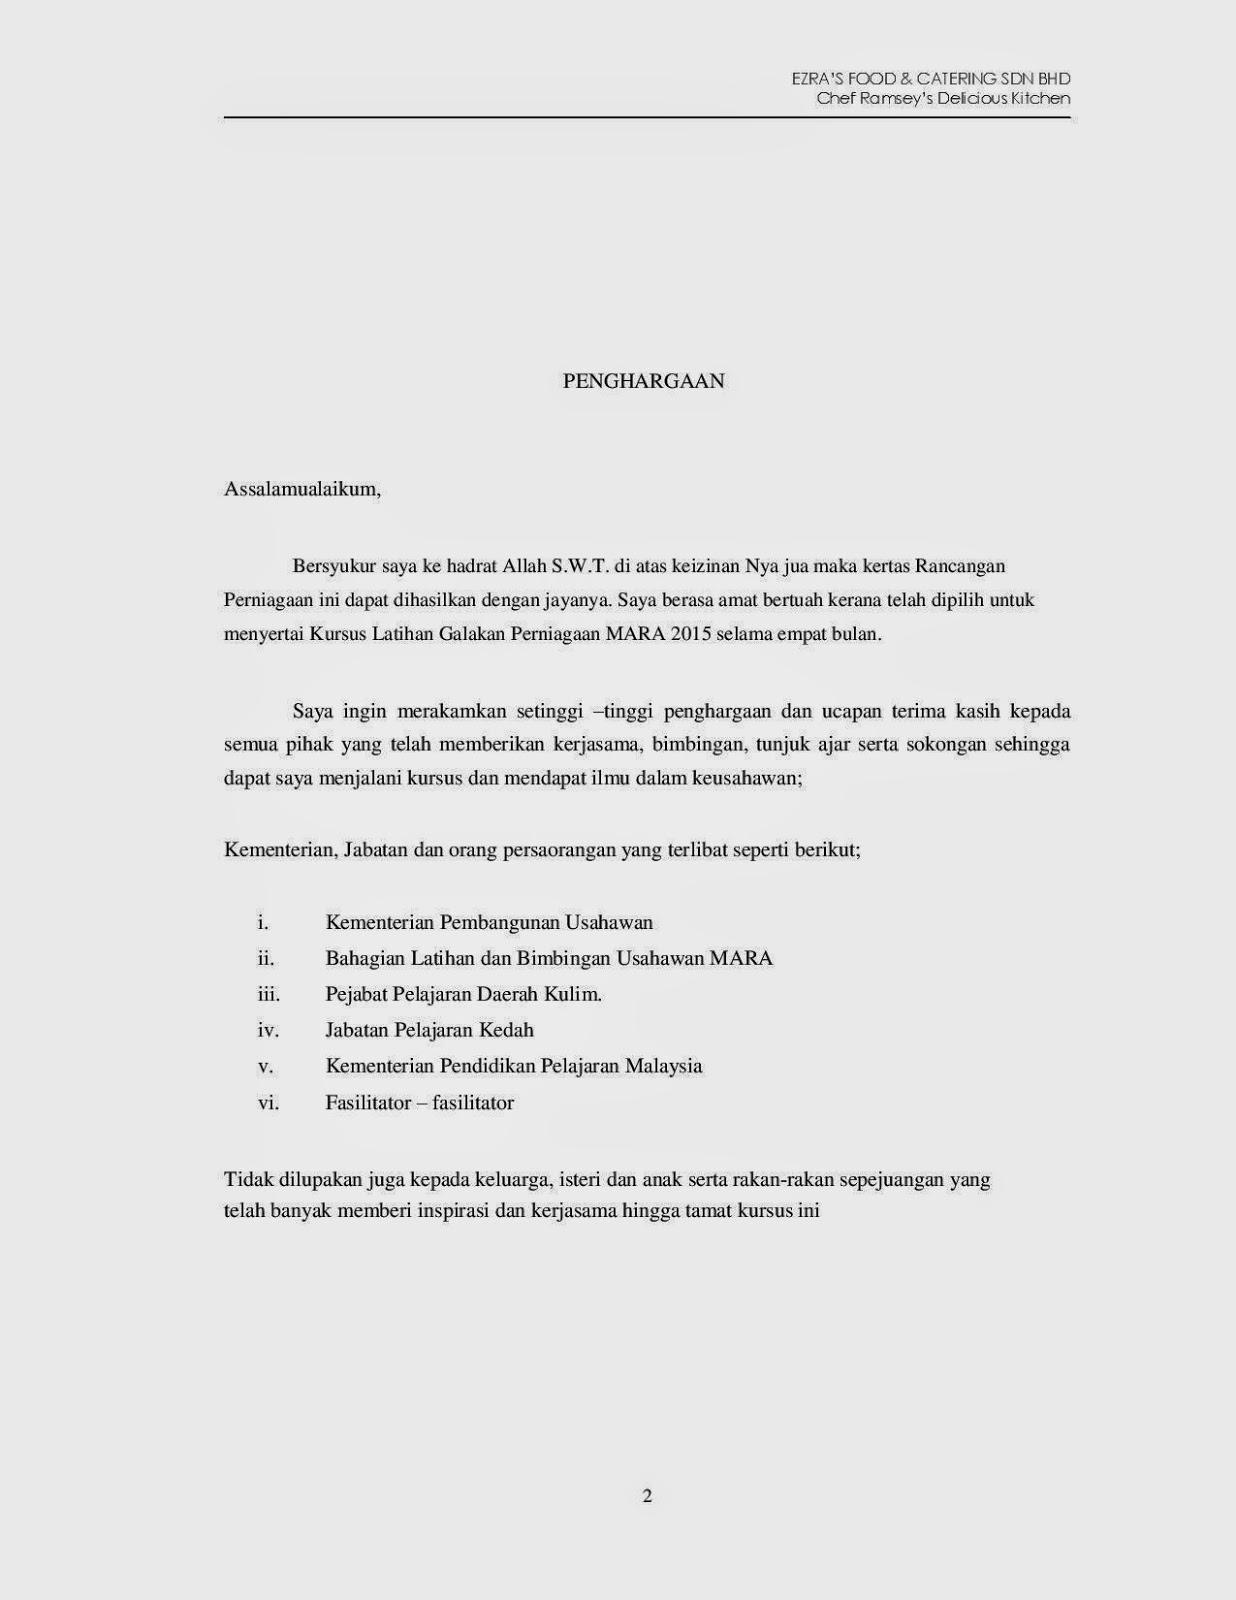 37127698 Contoh Kertas Kerja Rancangan Perniagaan Koperasi